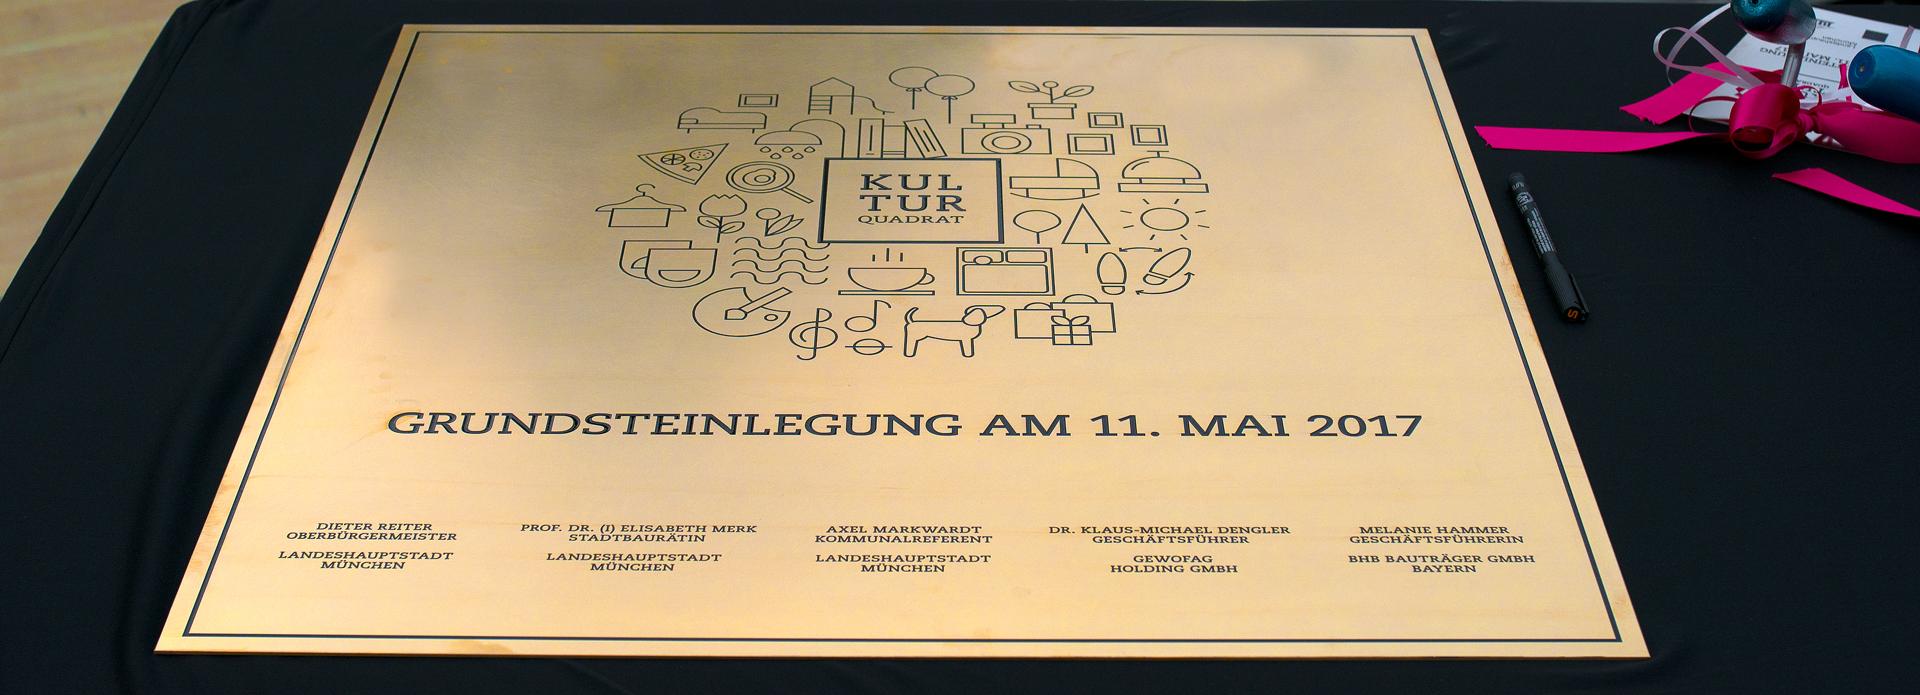 02.01.2021 - Grundsteinlegung LOGE und Kulturquadrat 2017